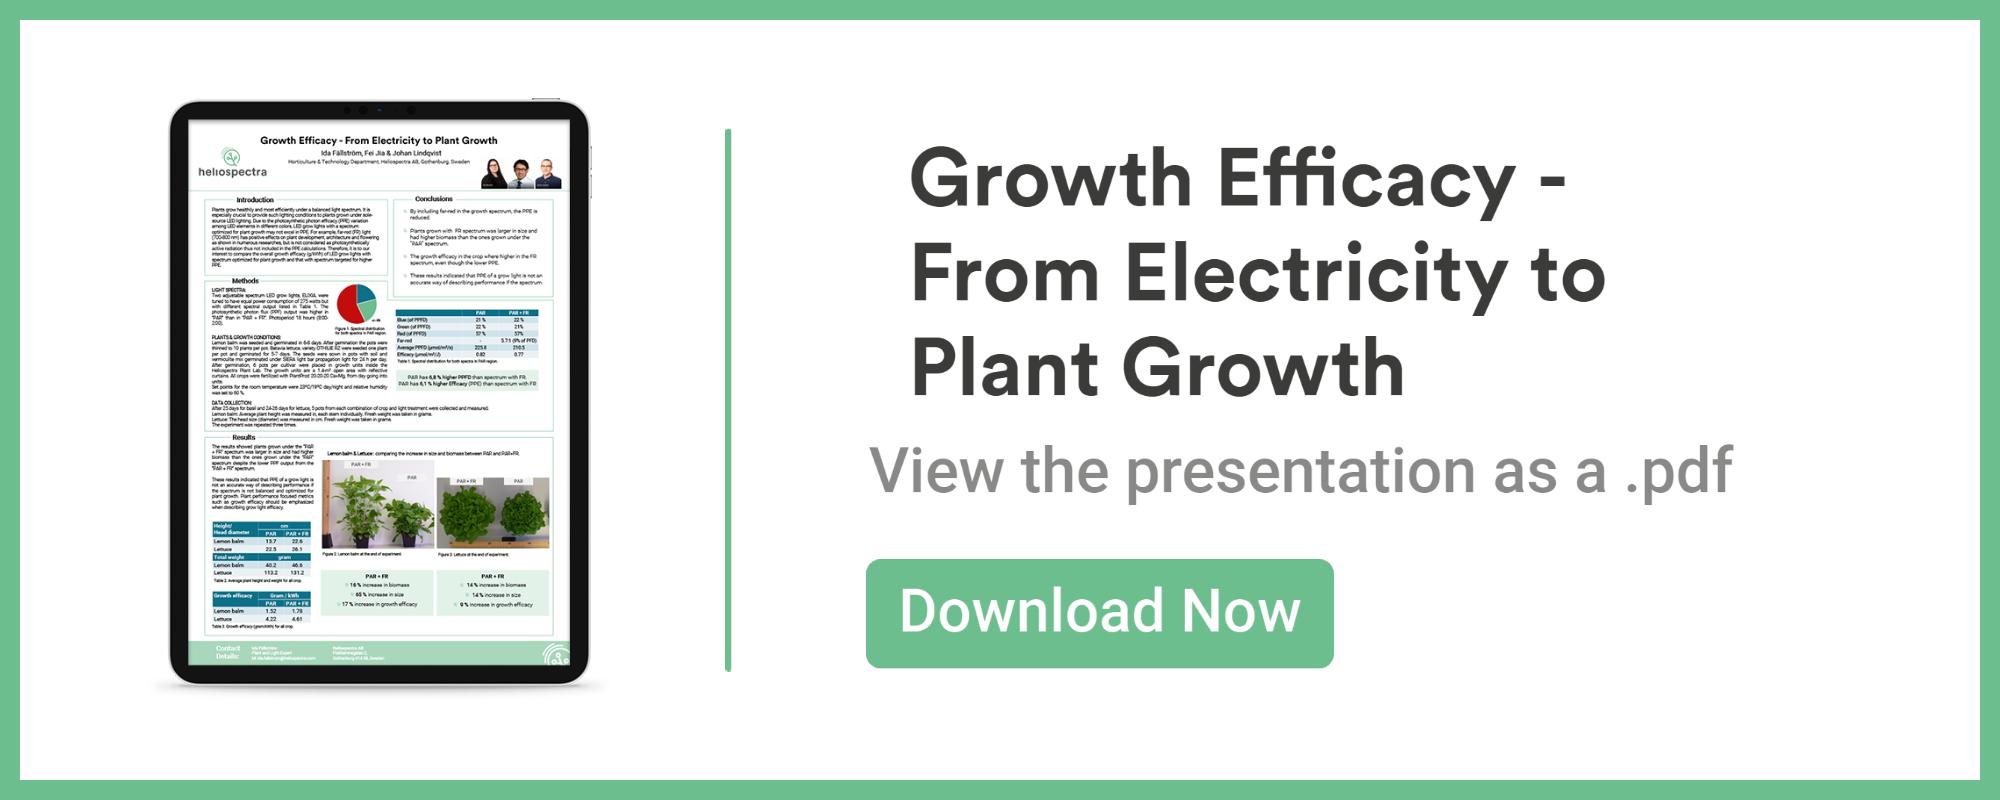 Growth Efficacy